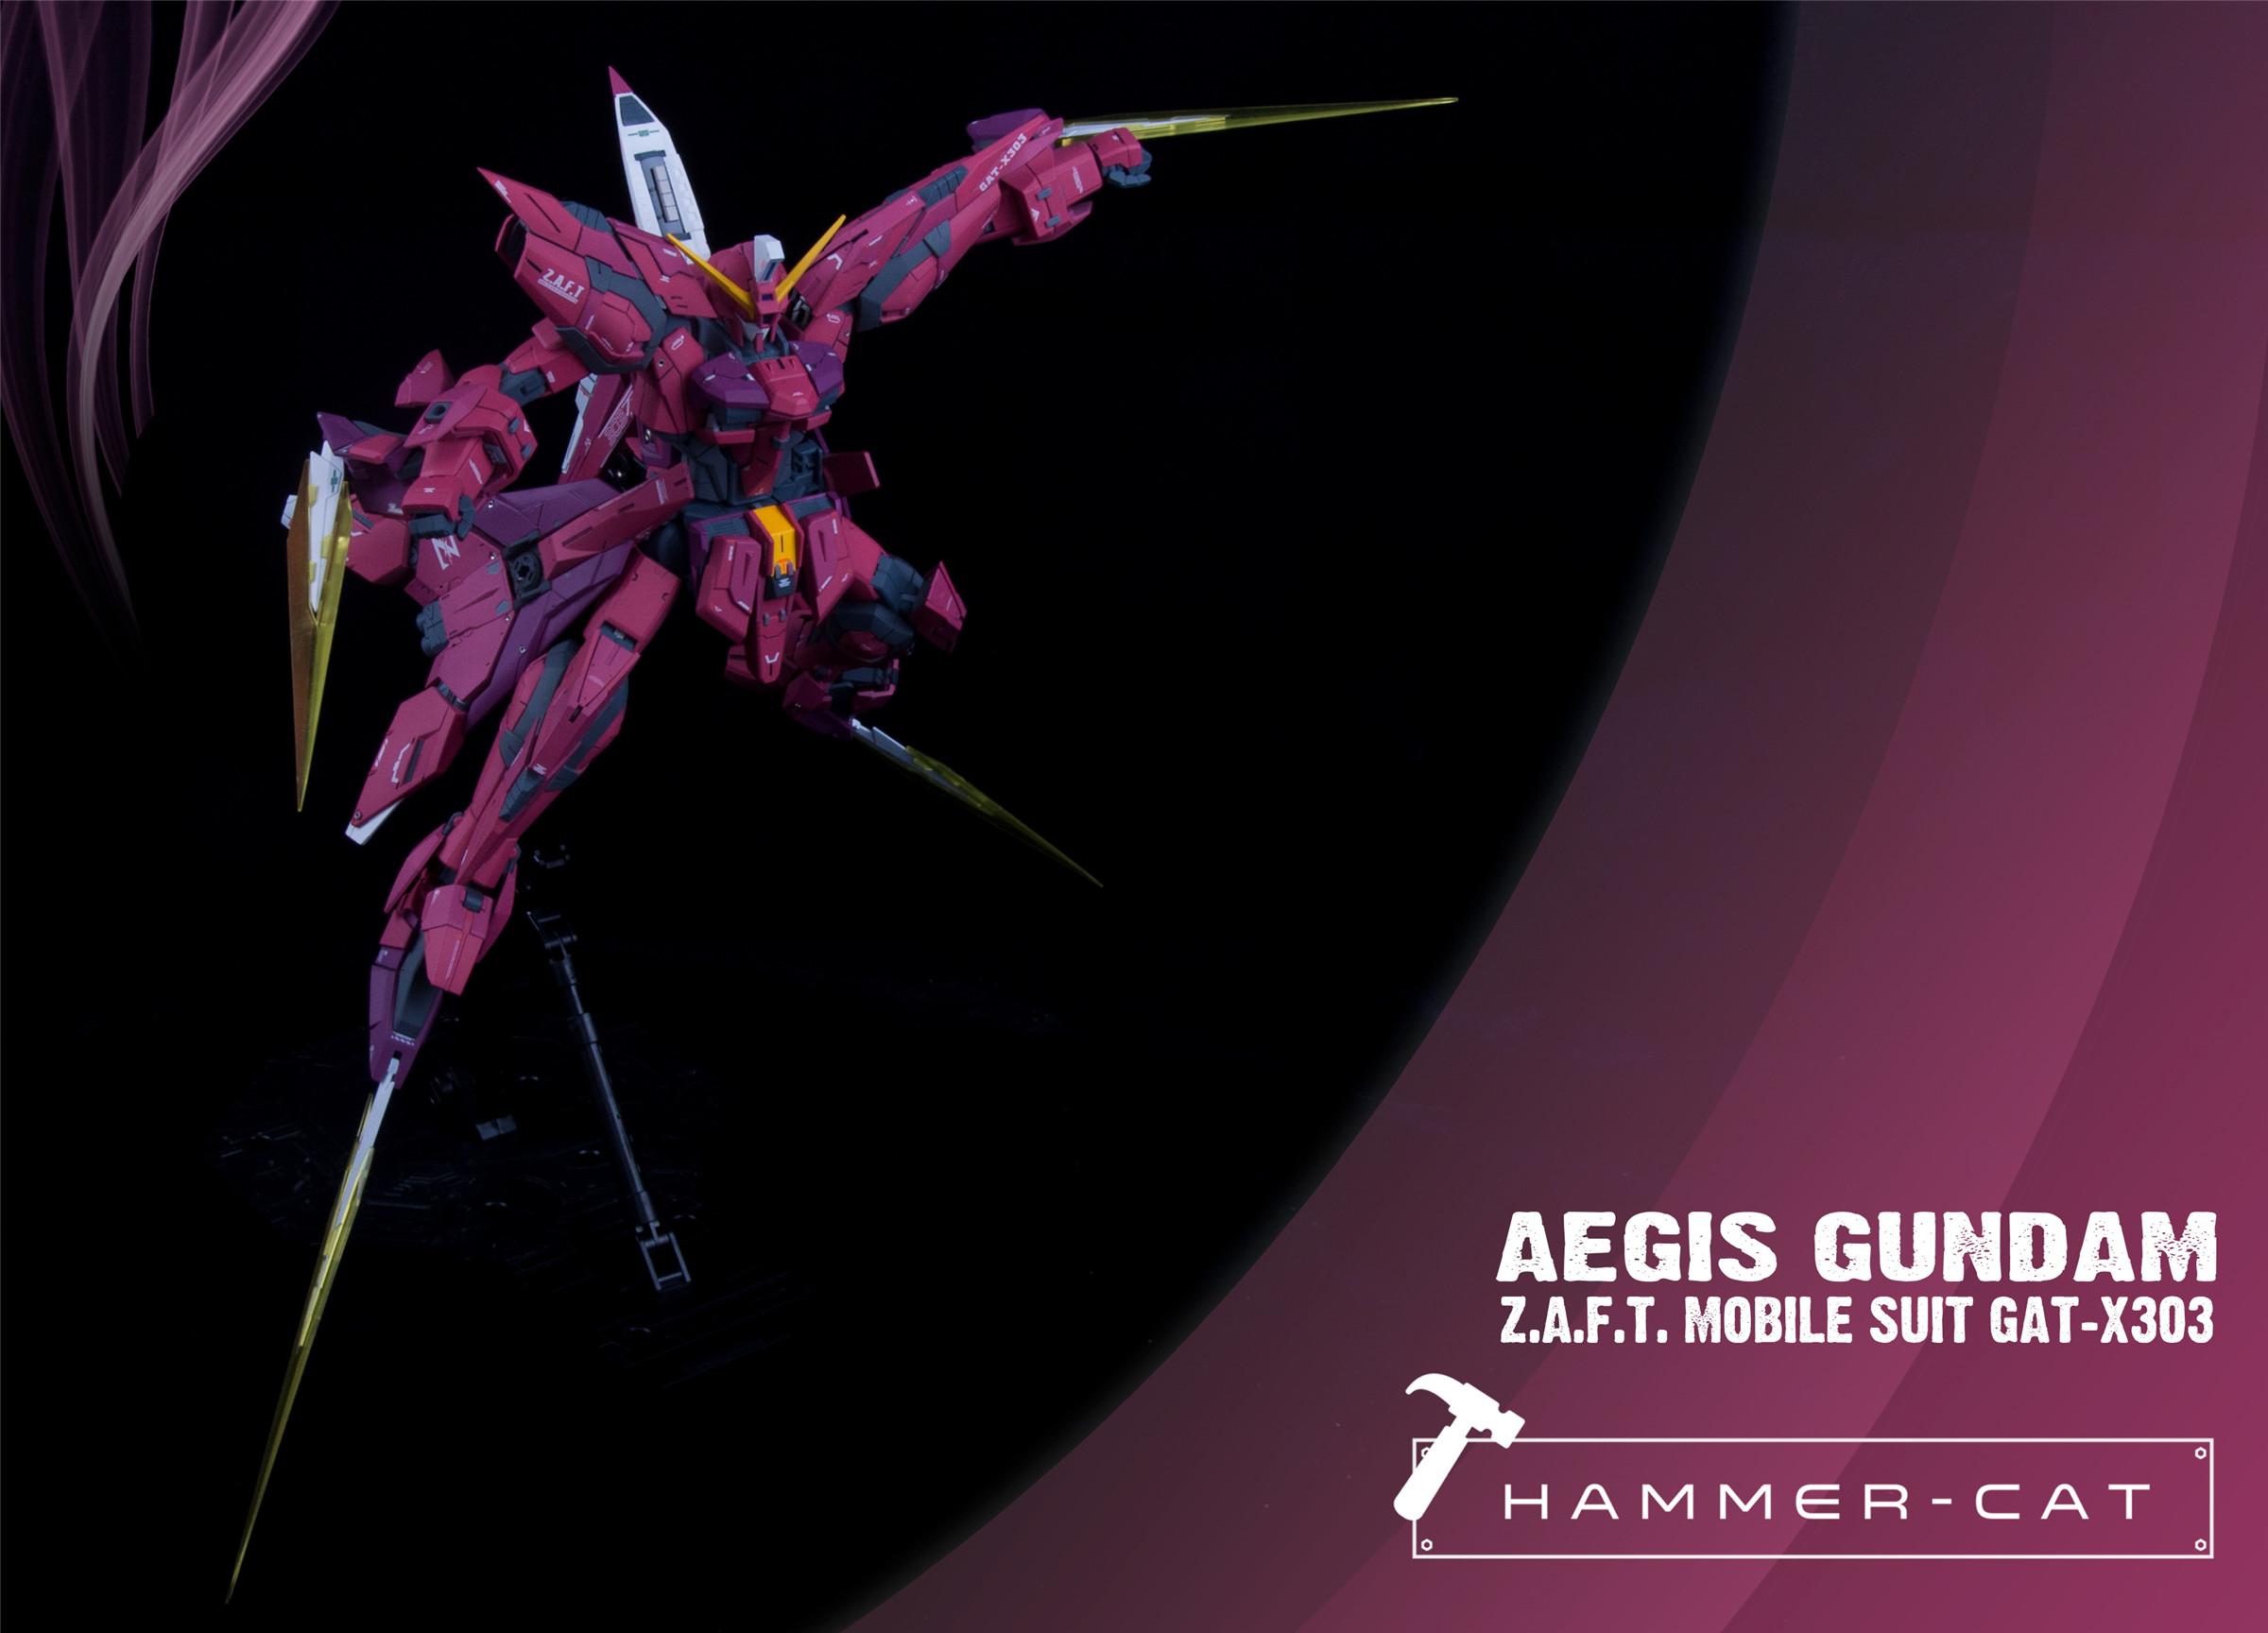 G579_GAT_X303_Aegis_Gundam_008.jpg